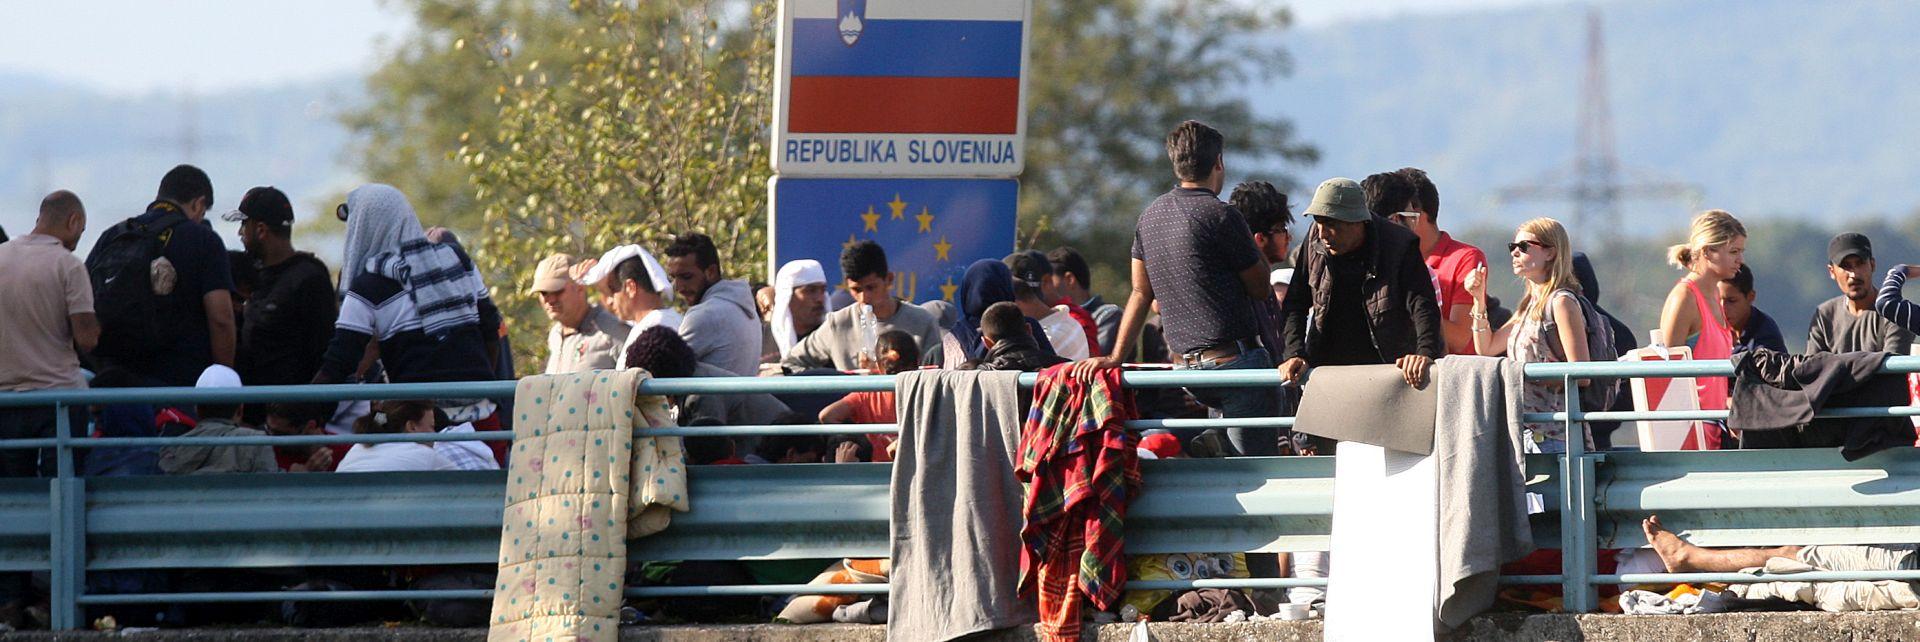 SVE IDE PO DOGOVORU : Iz Hrvatske u Sloveniju do sada ušlo 3000 izbjeglica